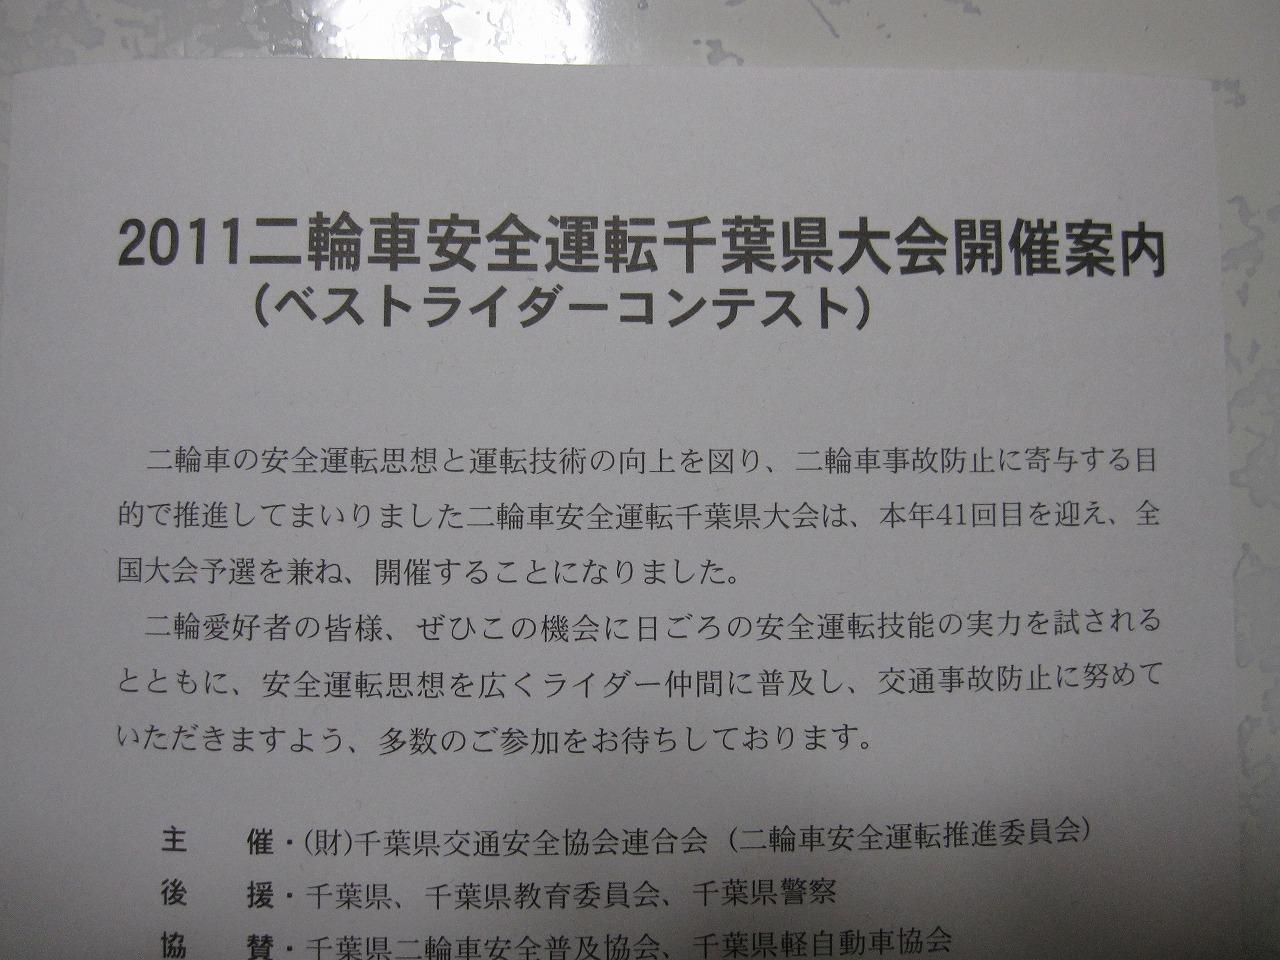 2011年ベストライダーコンテスト!!_e0114857_23395154.jpg